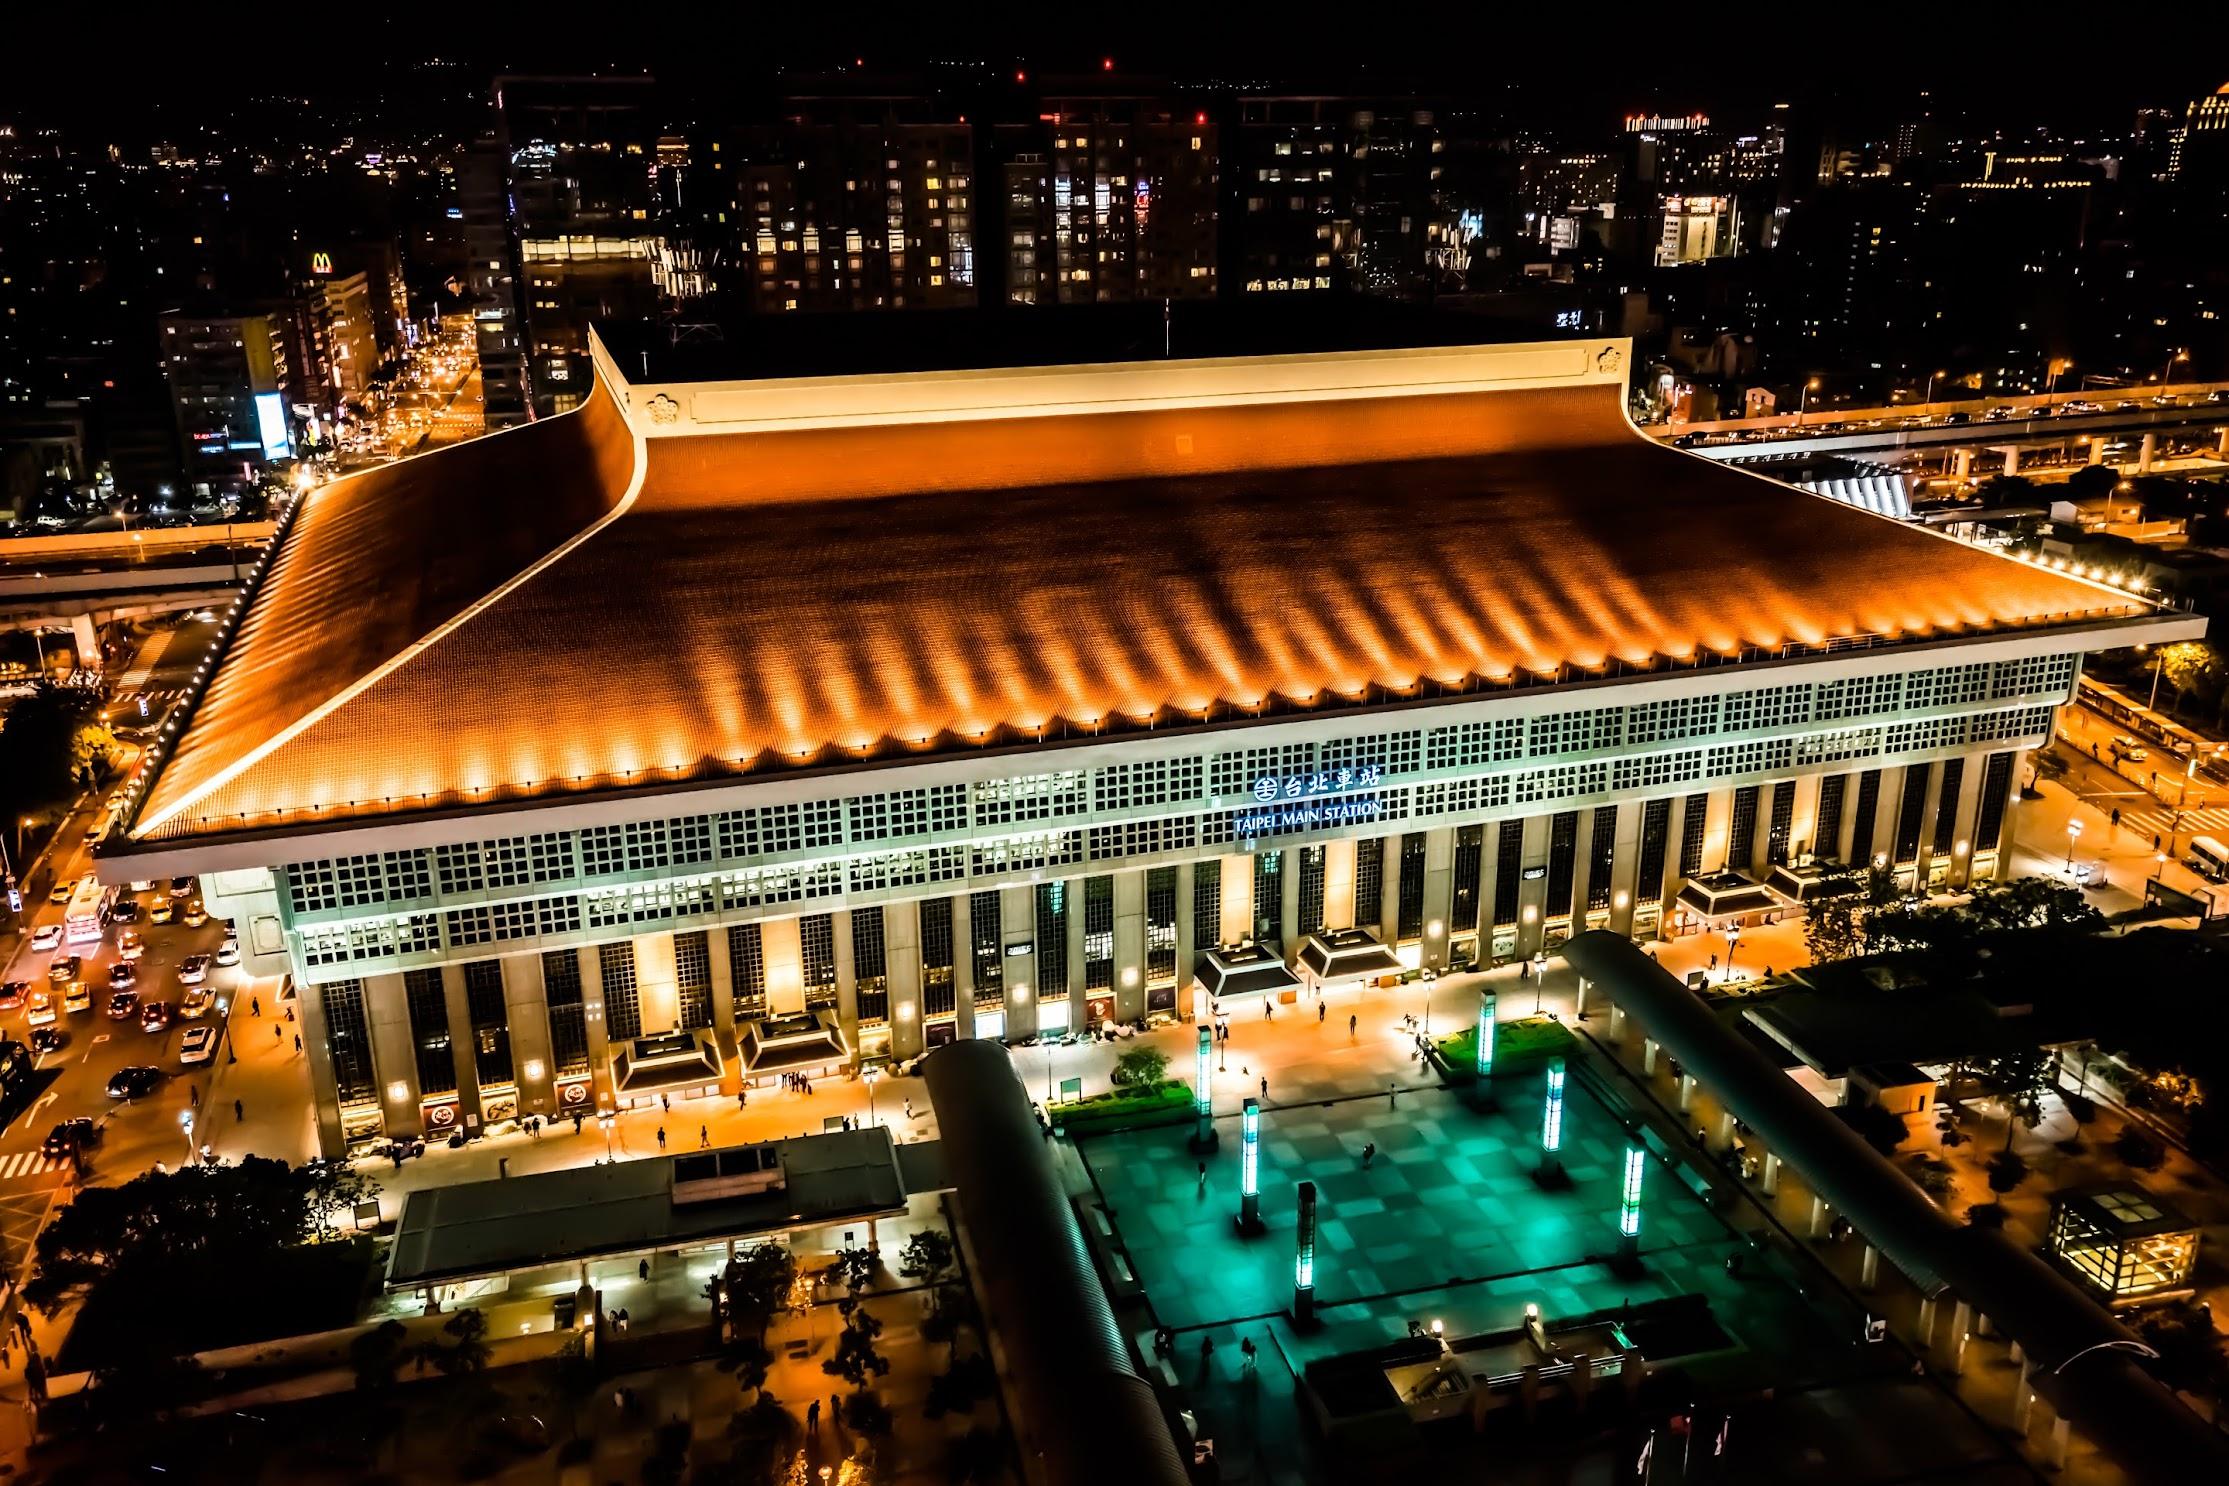 シーザーパーク台北(台北凱撒大飯店) 屋上ガーデン 台北駅